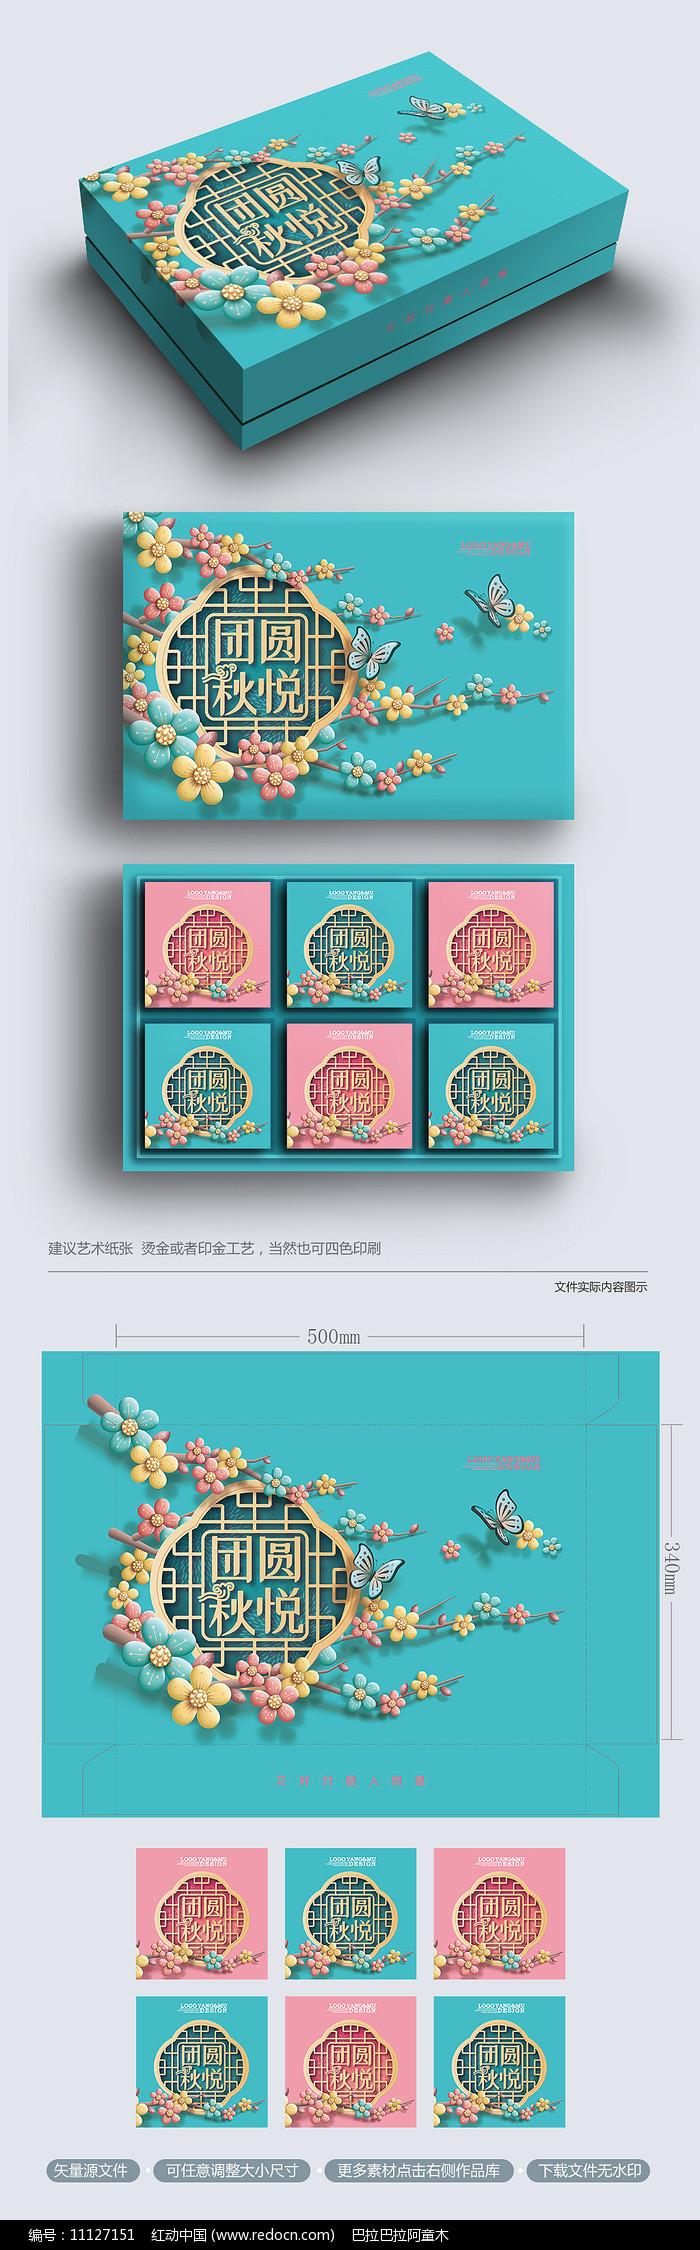 时尚花卉高端中秋月饼包装礼盒图片